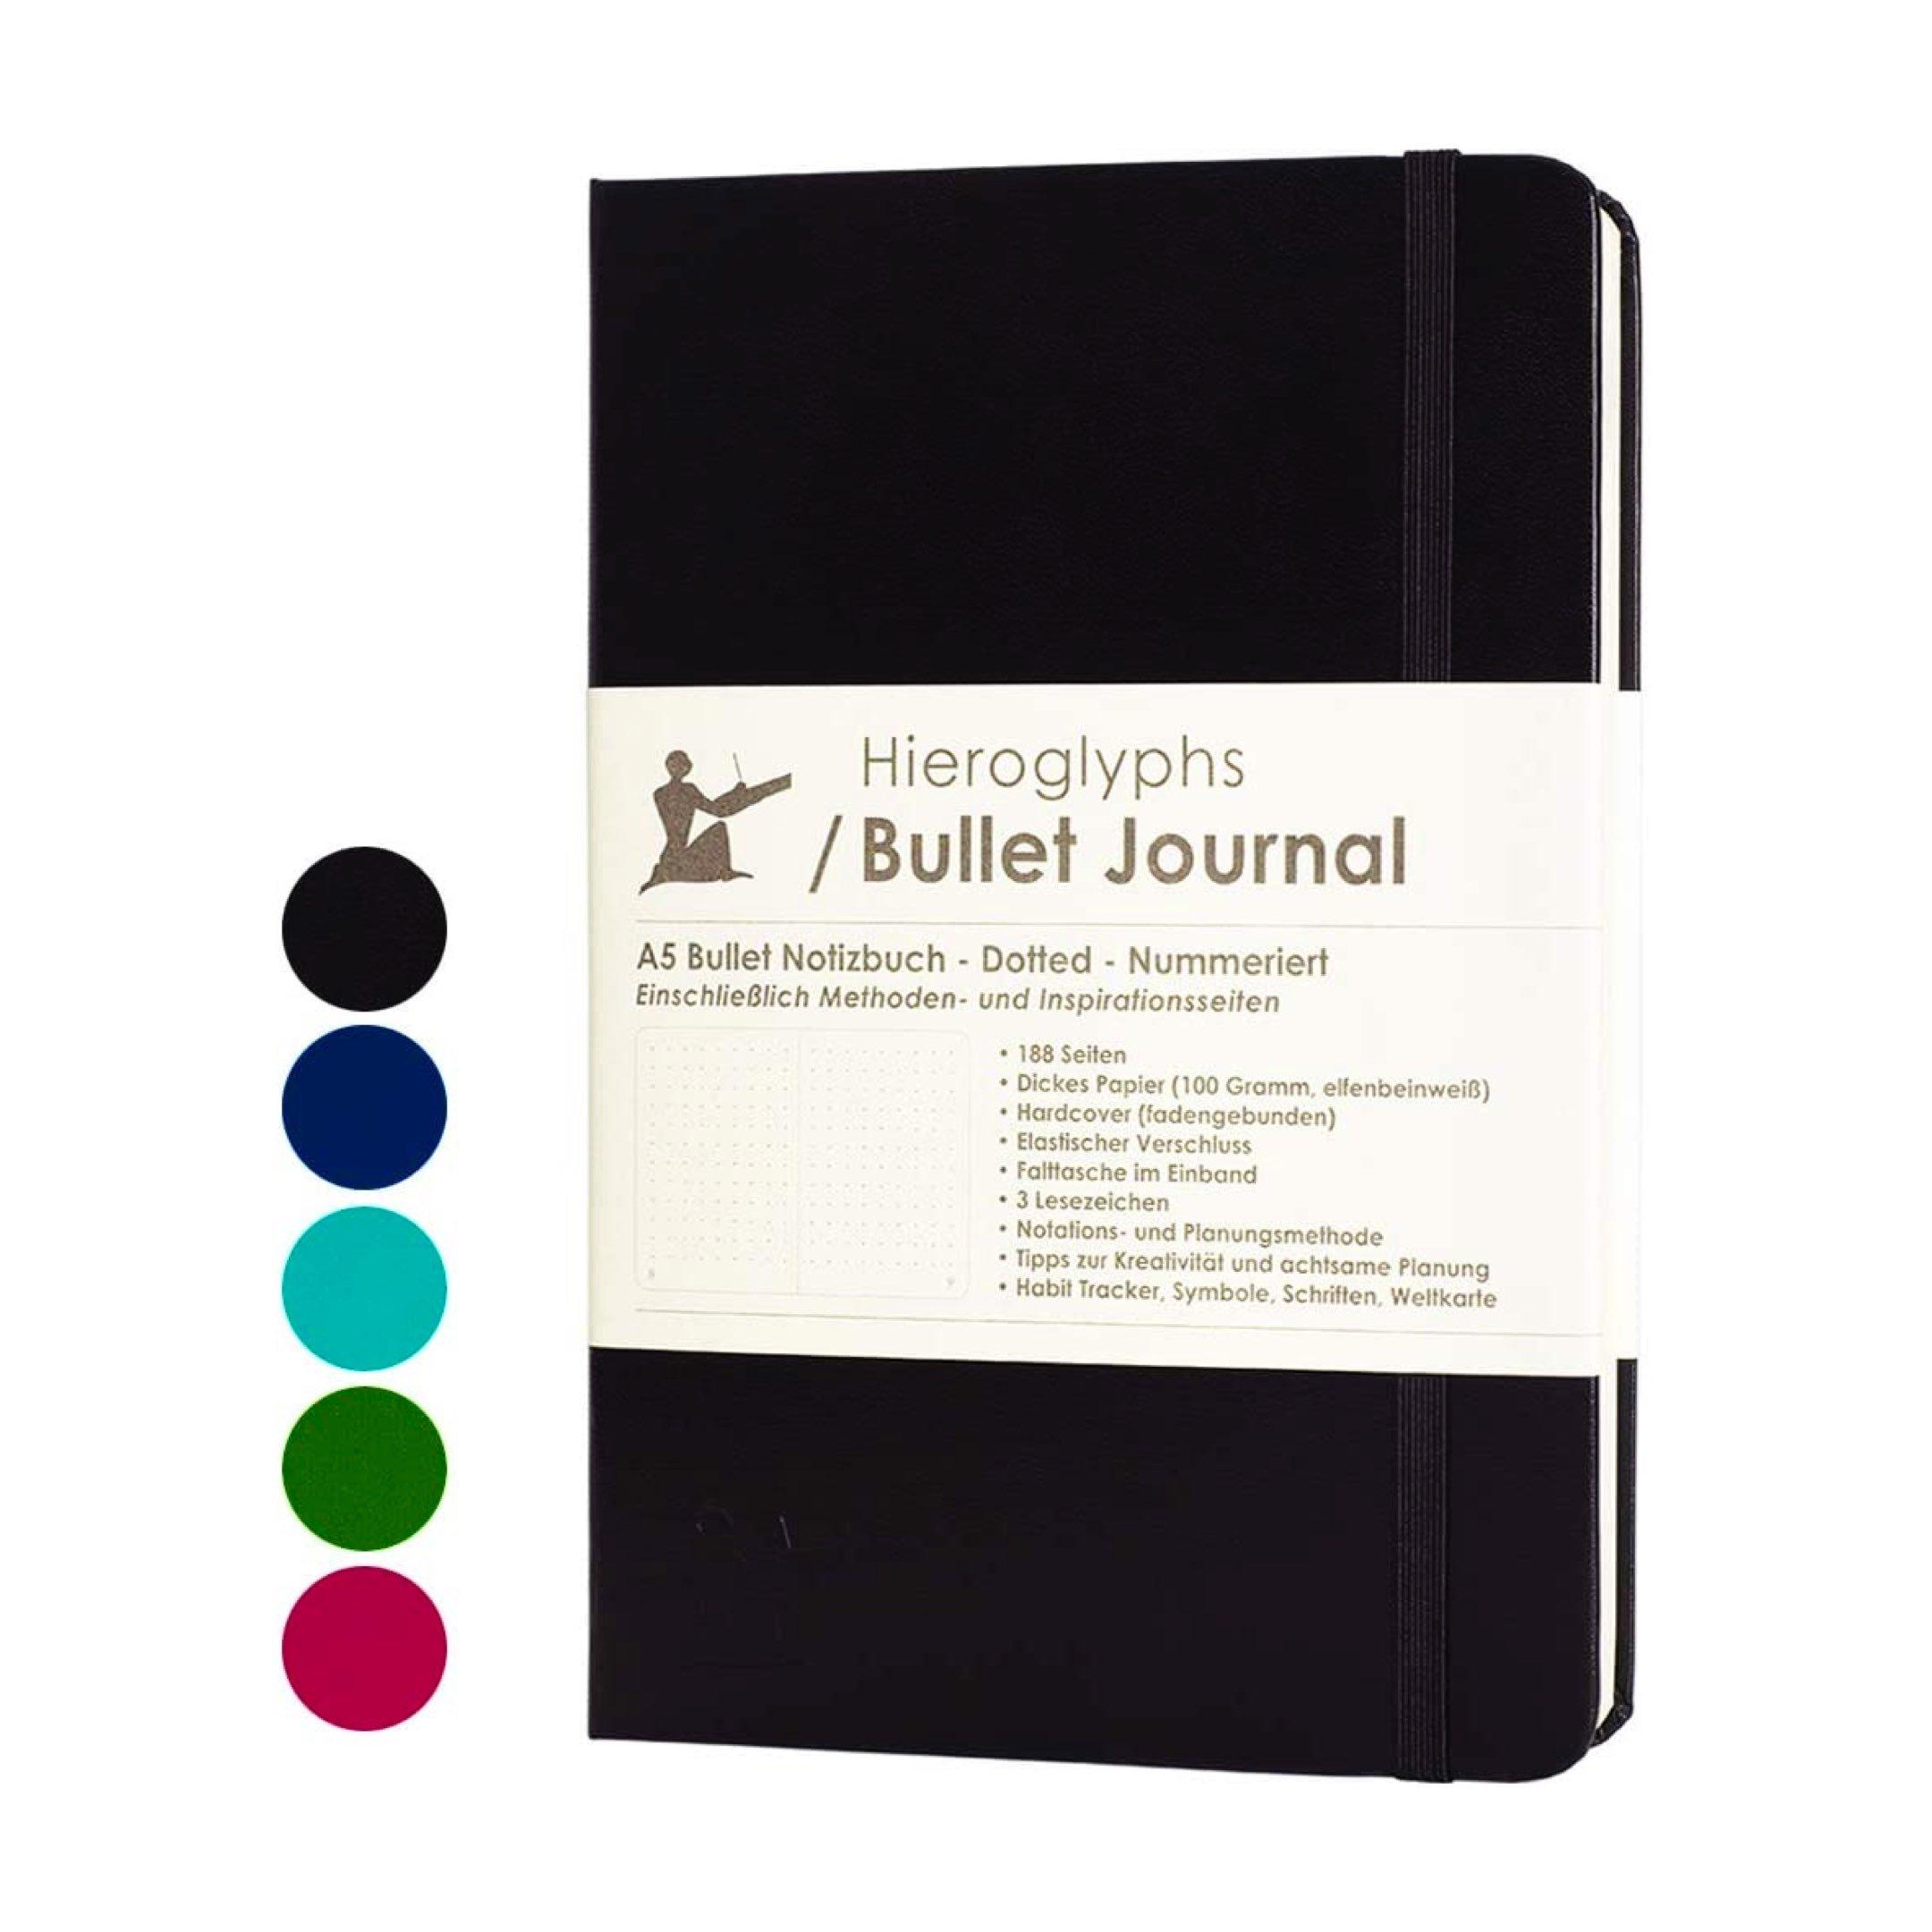 Das Hieroglyphs Bullet Journal in Schwarz*. Es hat nummerierte Seiten, eine Falttasche, 3 Lesezeichen, ein Verschlussgummi und insgesamt 188 Seiten. 164 beschreibbar, der Rest ist eine kurze Anleitung.